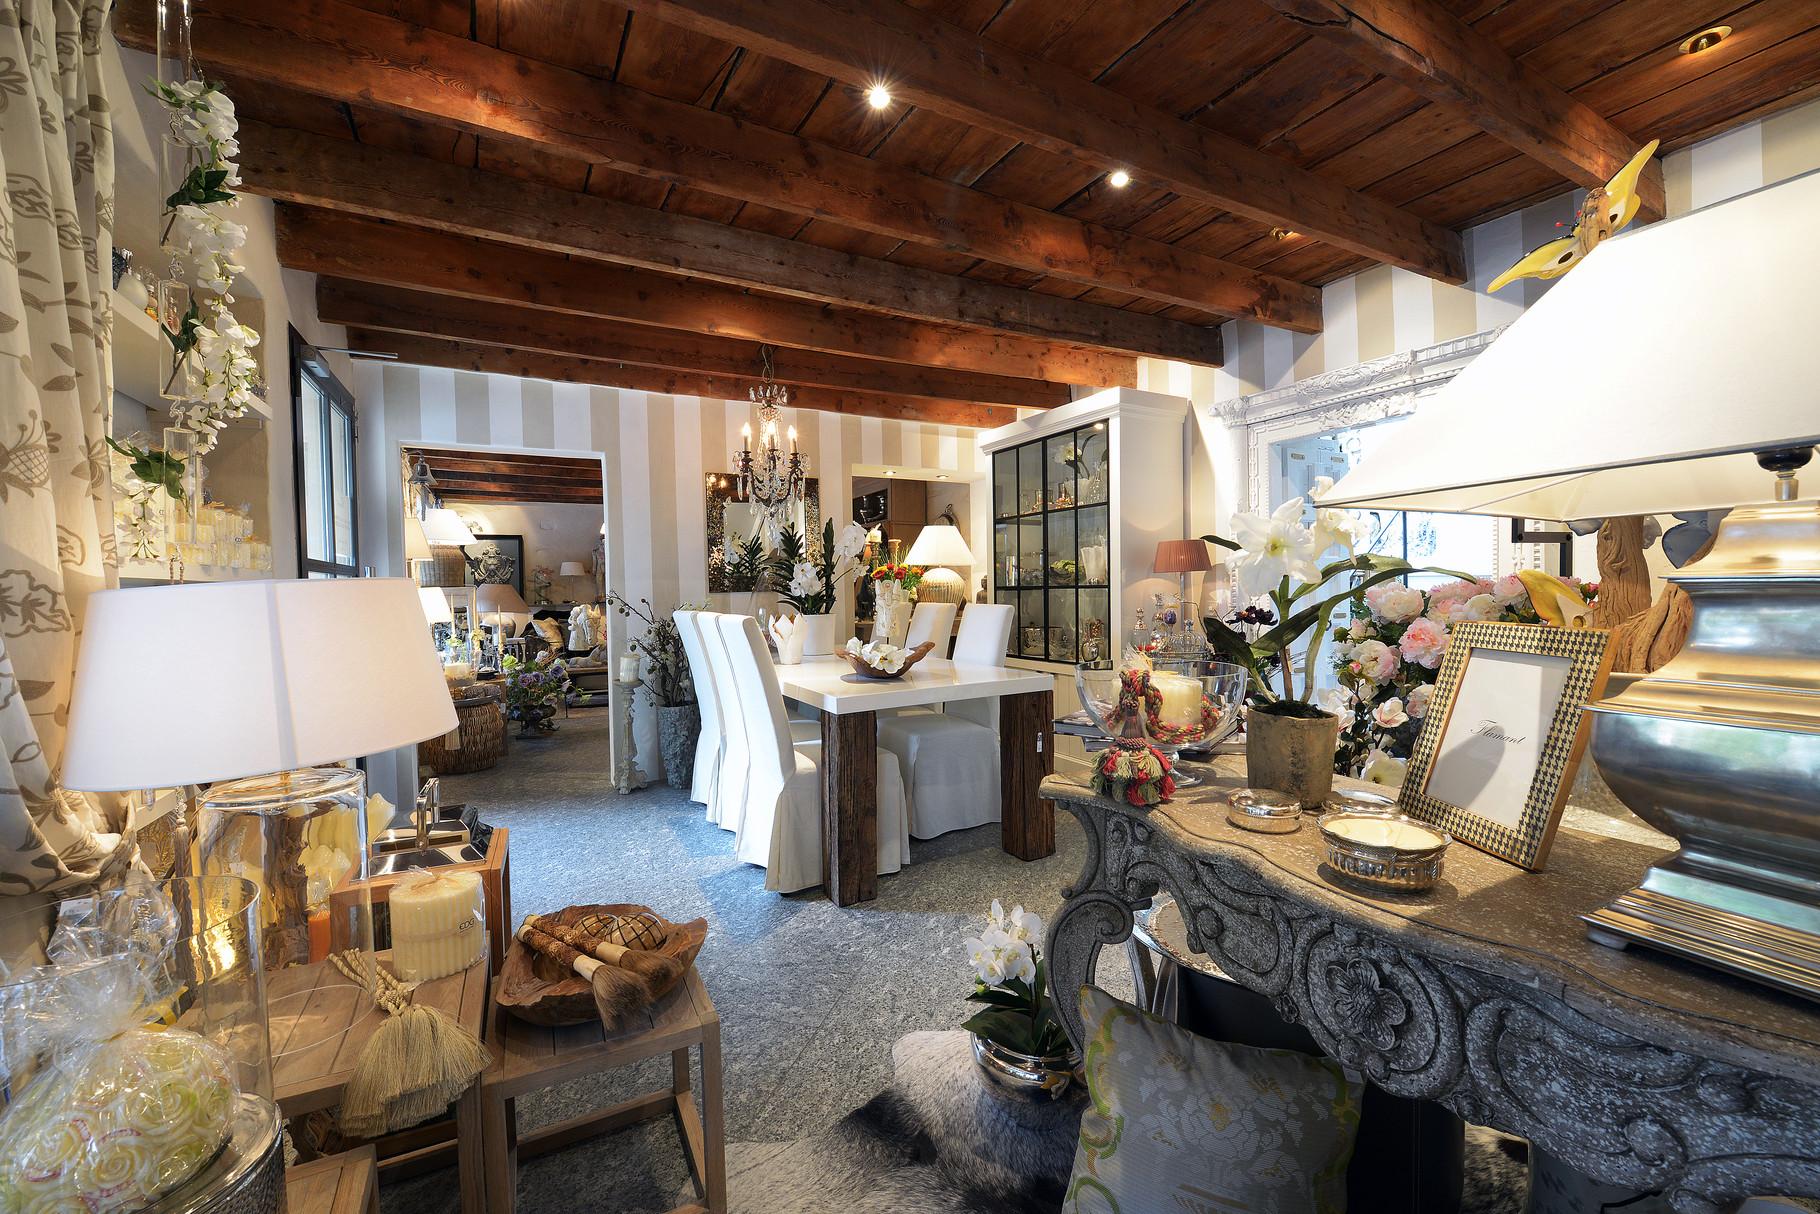 100 Flamant Home Interiors New Flamant Concept